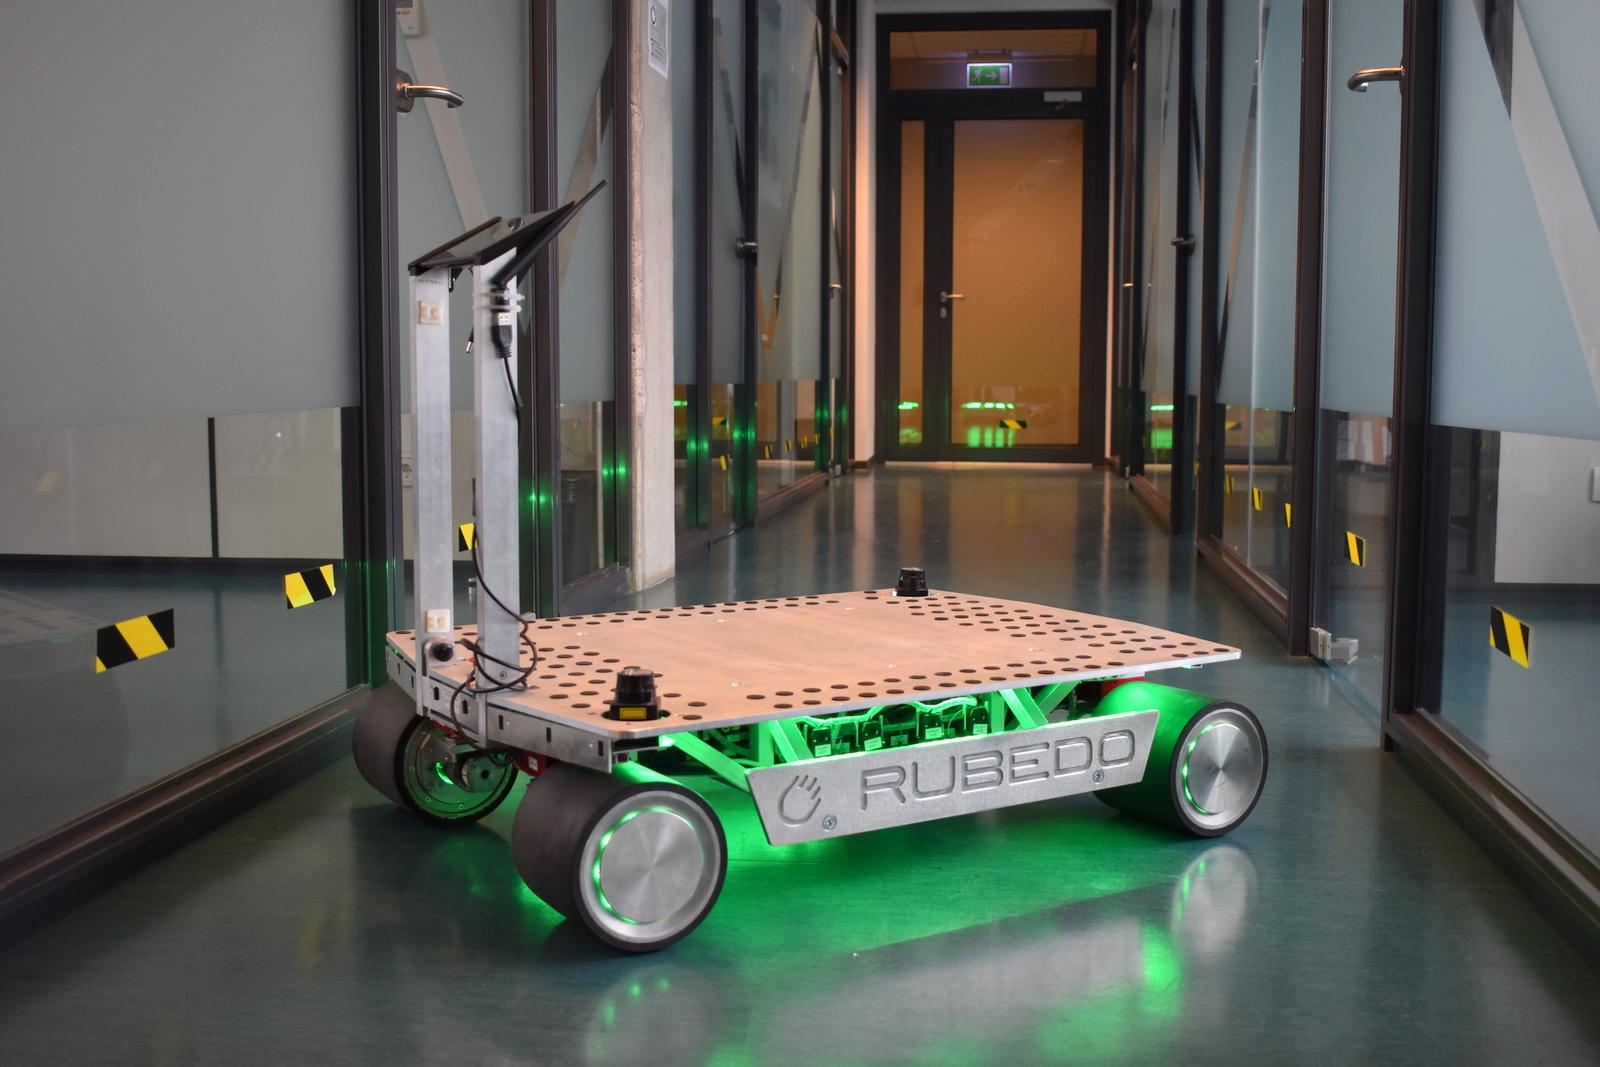 """Bendrovė """"Rubedo sistemos"""" siekia komercializuoti 3D mašinine rega ir dirbtiniu intelektu paremtą mobilių bepiločių priemonių valdymo technologiją."""